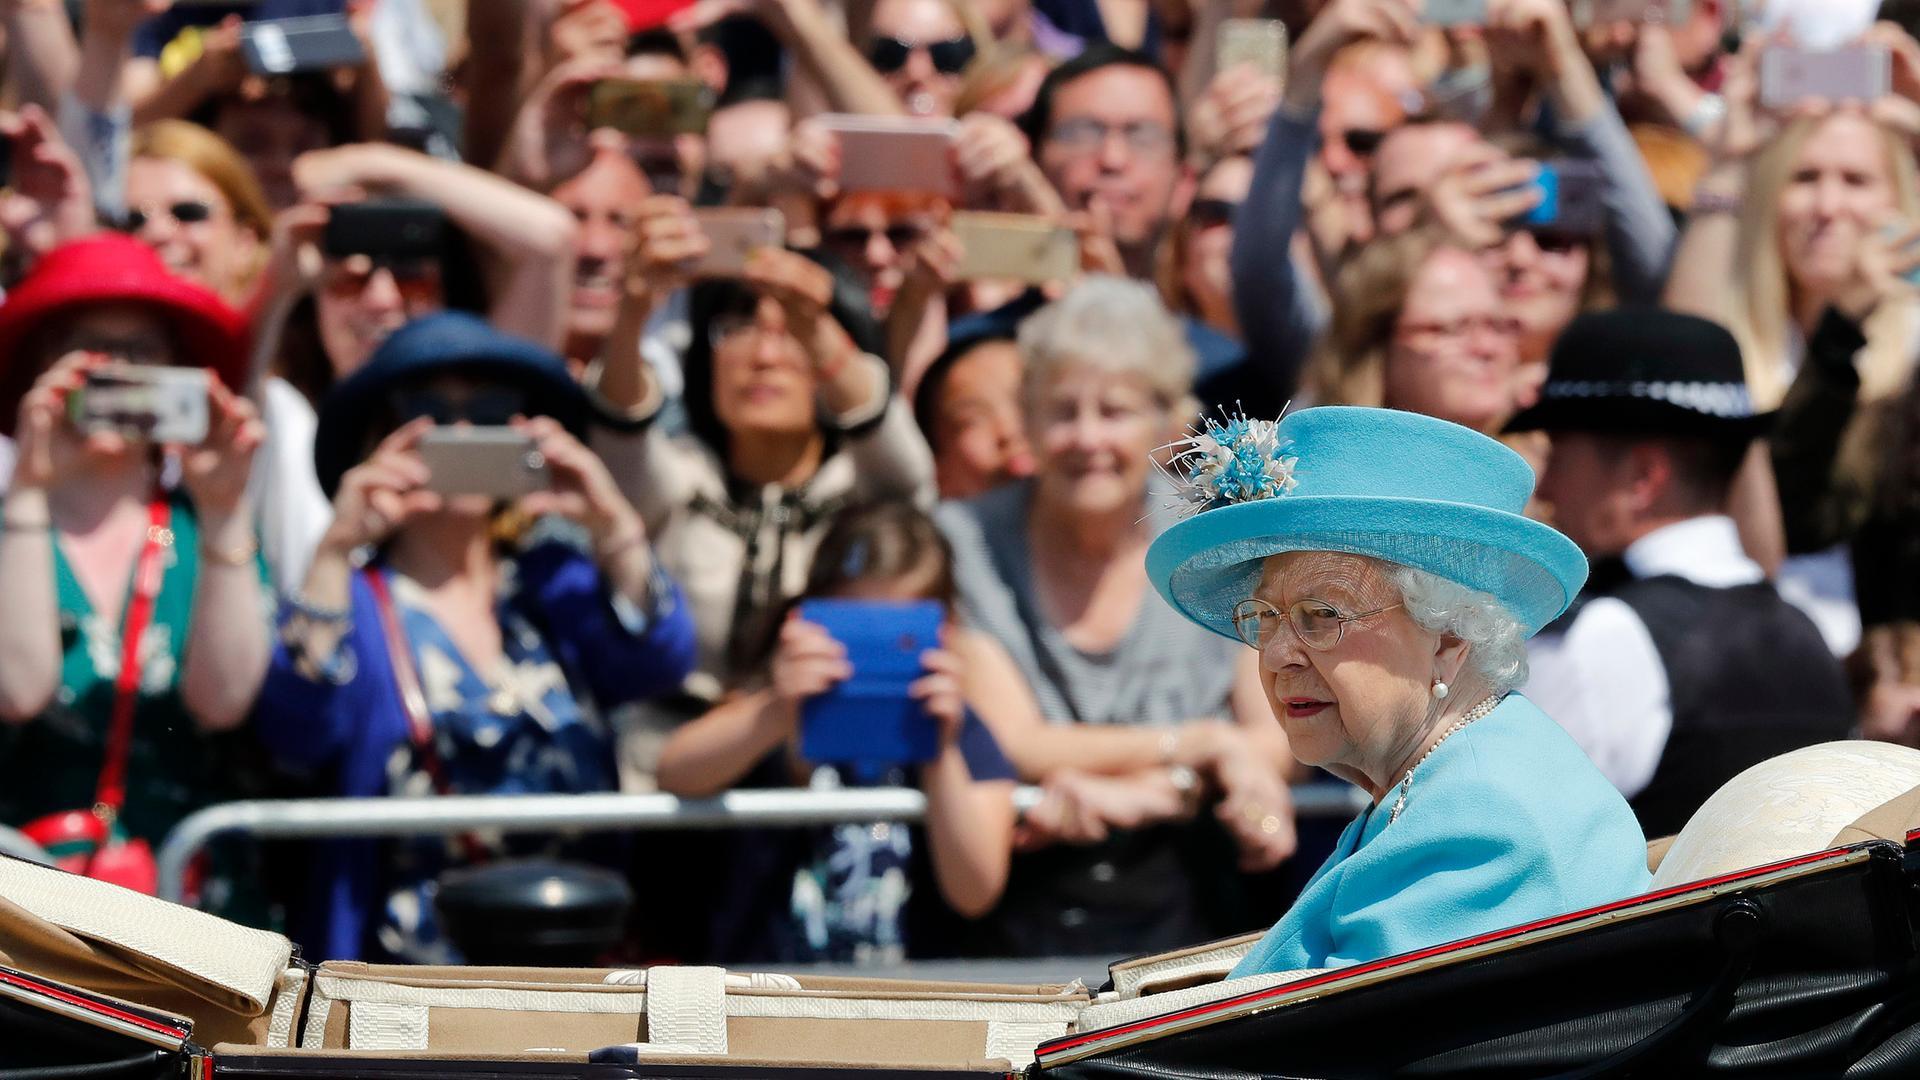 Nachrichten | heute - Queen feiert 92. Geburtstag. Queen Elisabeth II. ...